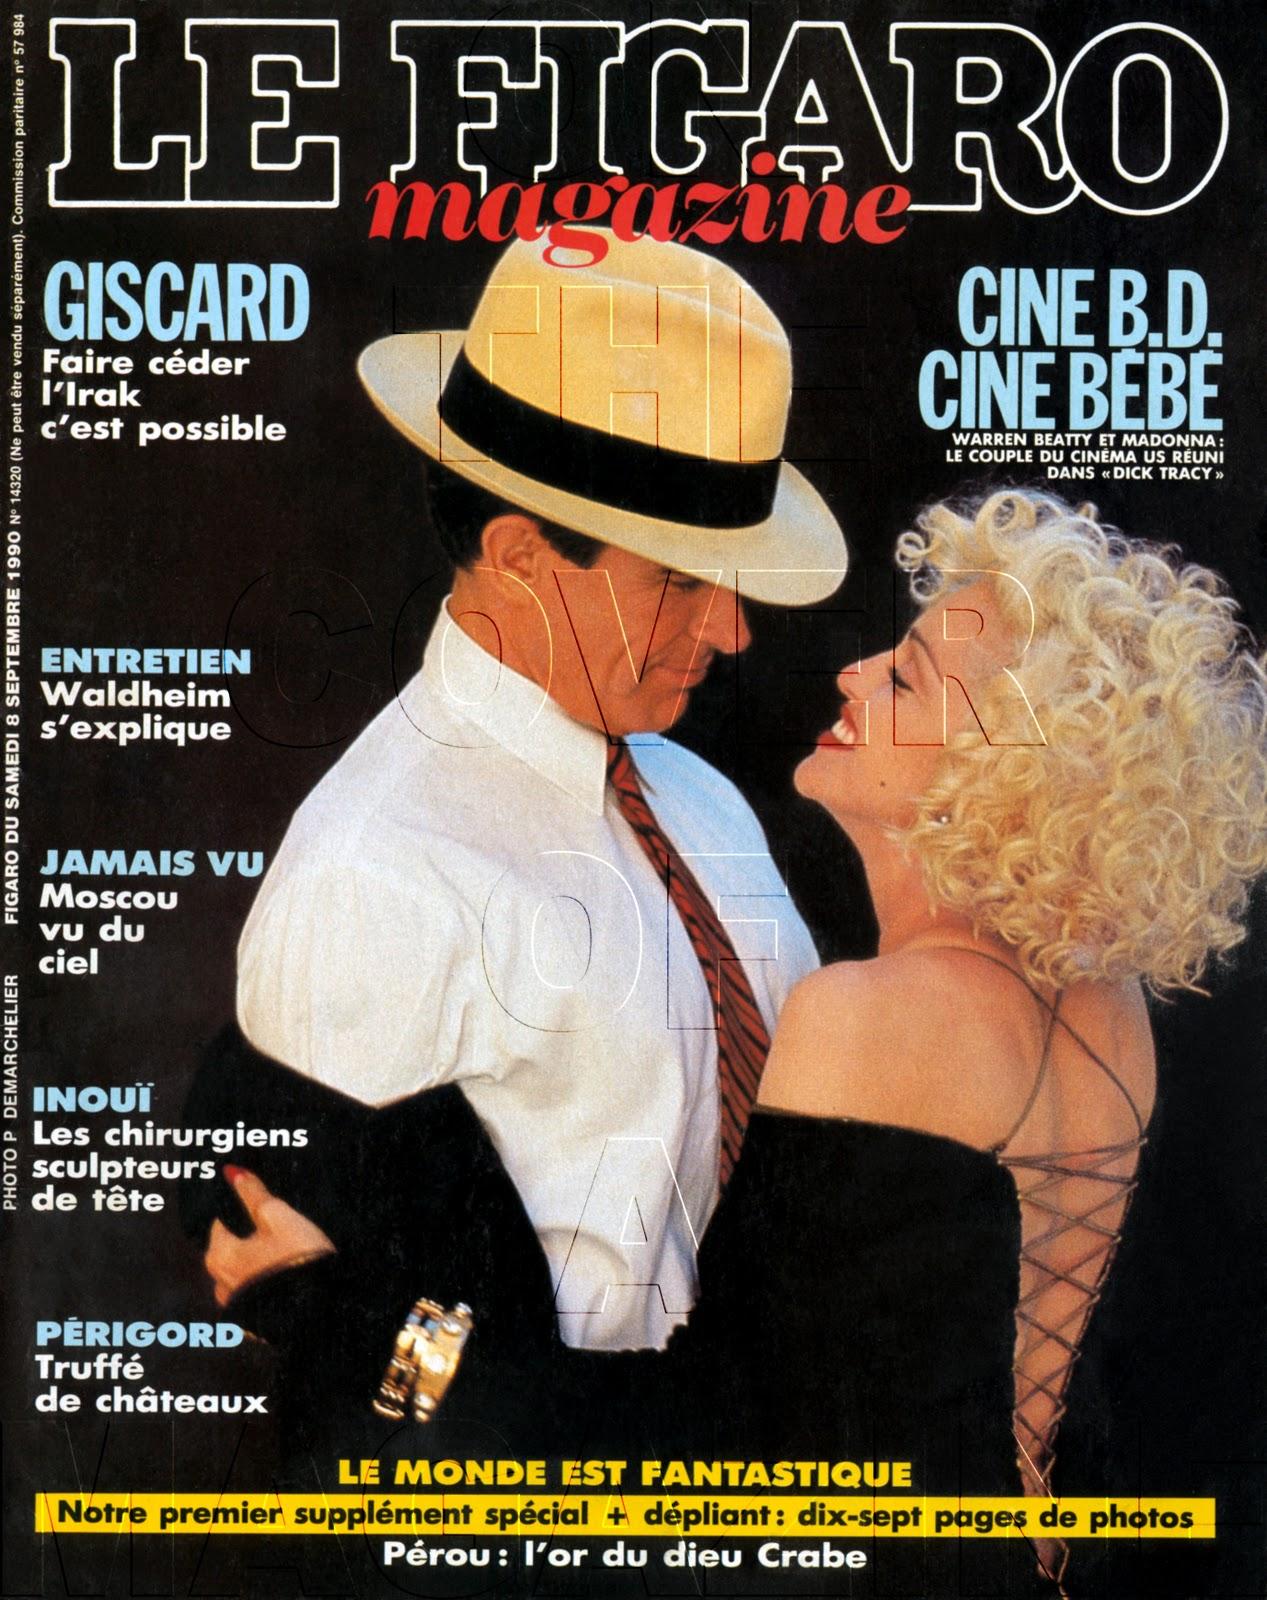 http://3.bp.blogspot.com/_eA7ZafYKvfU/TR1zfOKJJ4I/AAAAAAAAEhs/wl86loGmveI/s1600/Le+Figaro+France+September+8+1990+copy.jpg